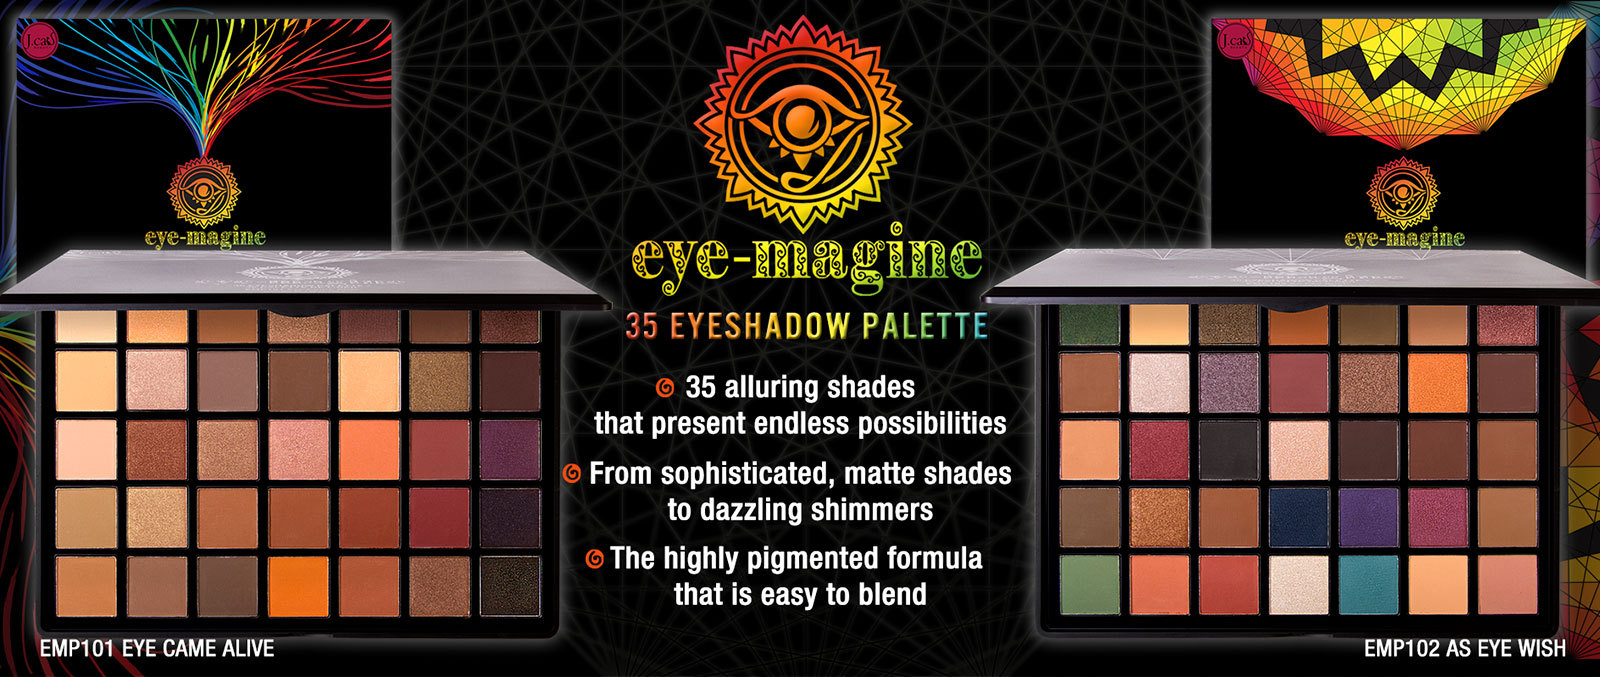 J. Cat Beauty Eye-Magine 35 Eyeshadow Palette EMP102